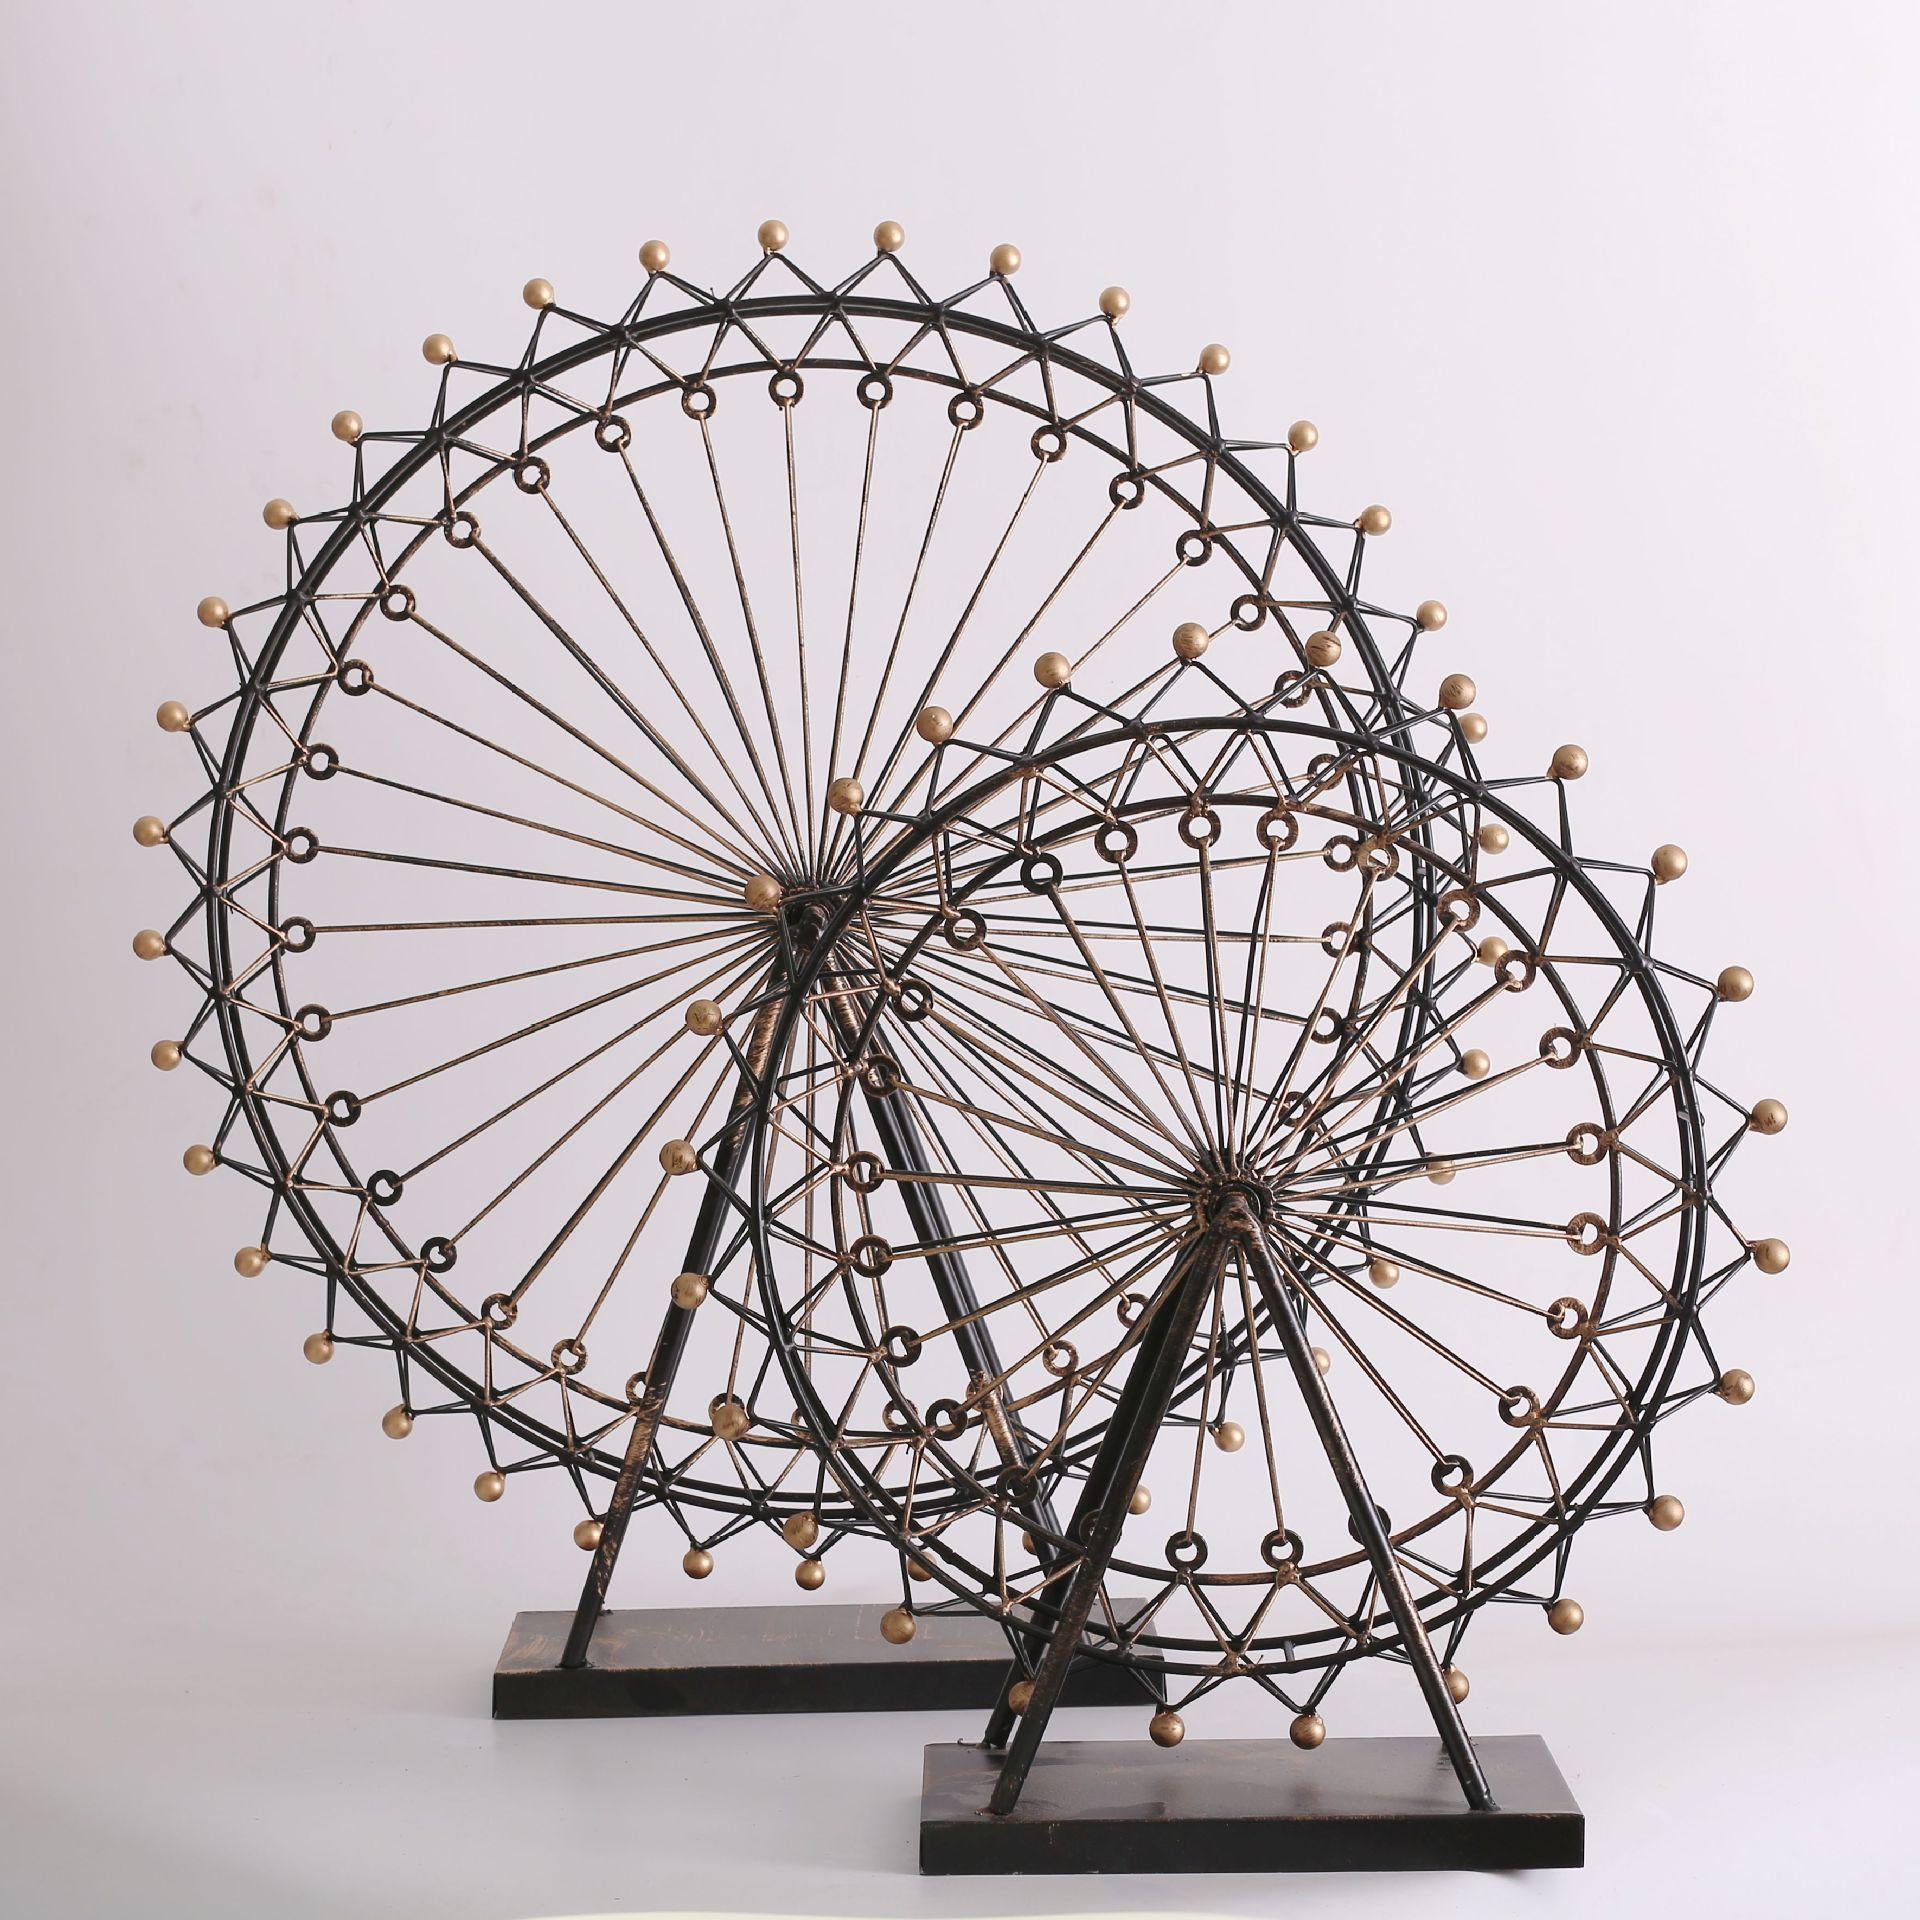 Bojin Kinetic Art Ferris Wheel Small Art Pinterest